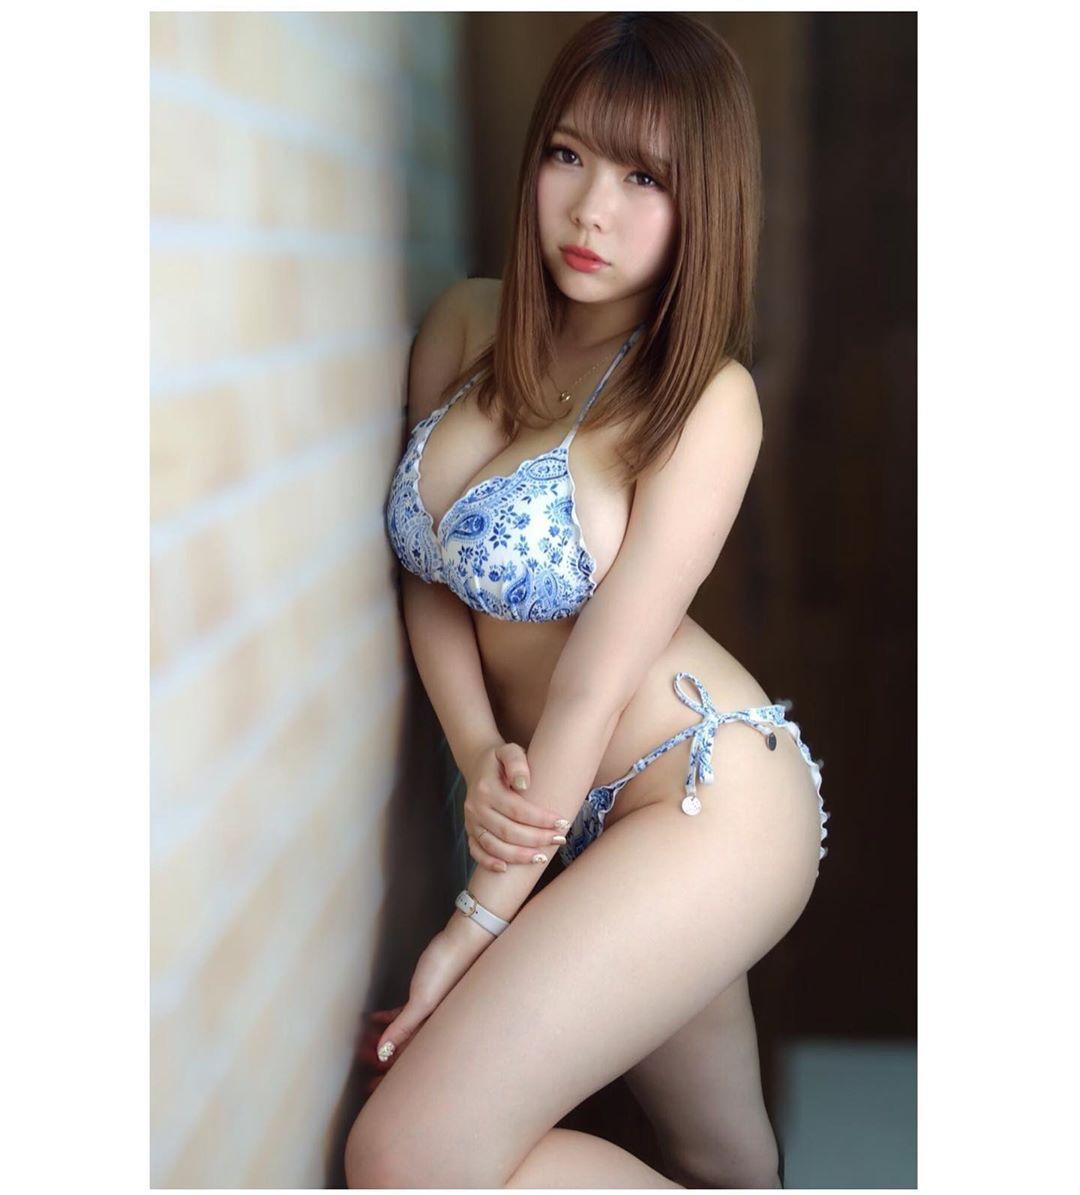 Yuki Chika 結城ちか